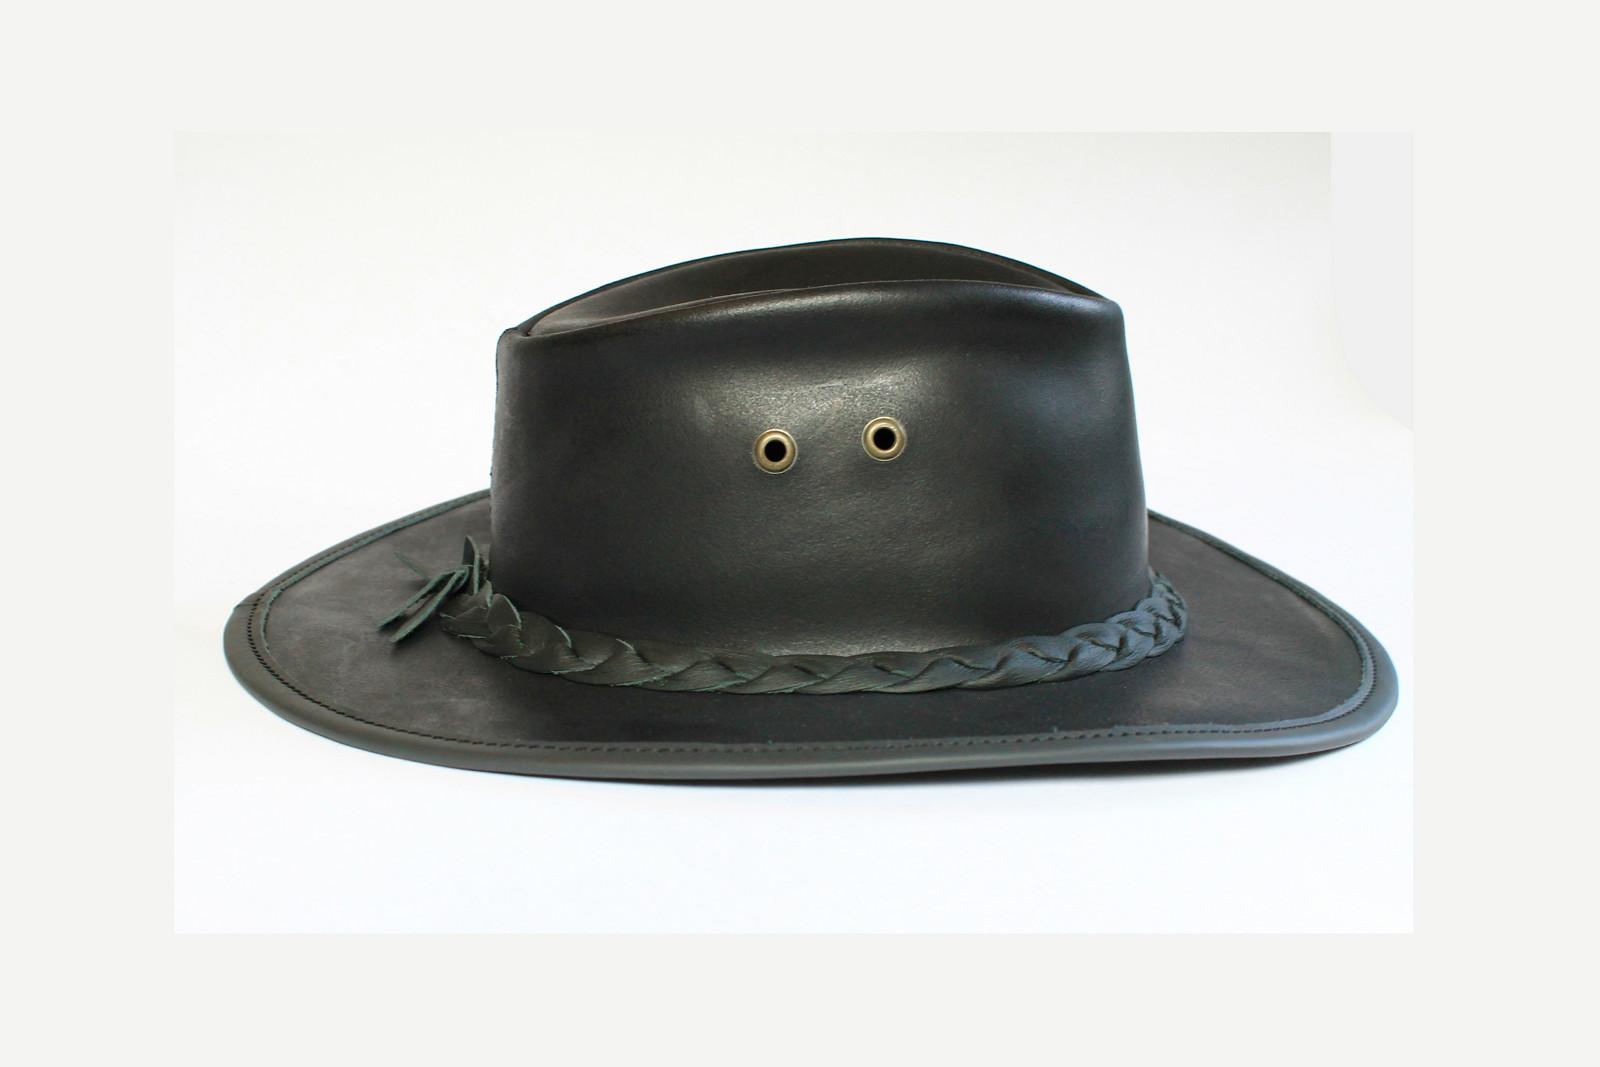 c4950963fb6 Klobouk kožený australský - černý   Zboží prodejce Rukodílna